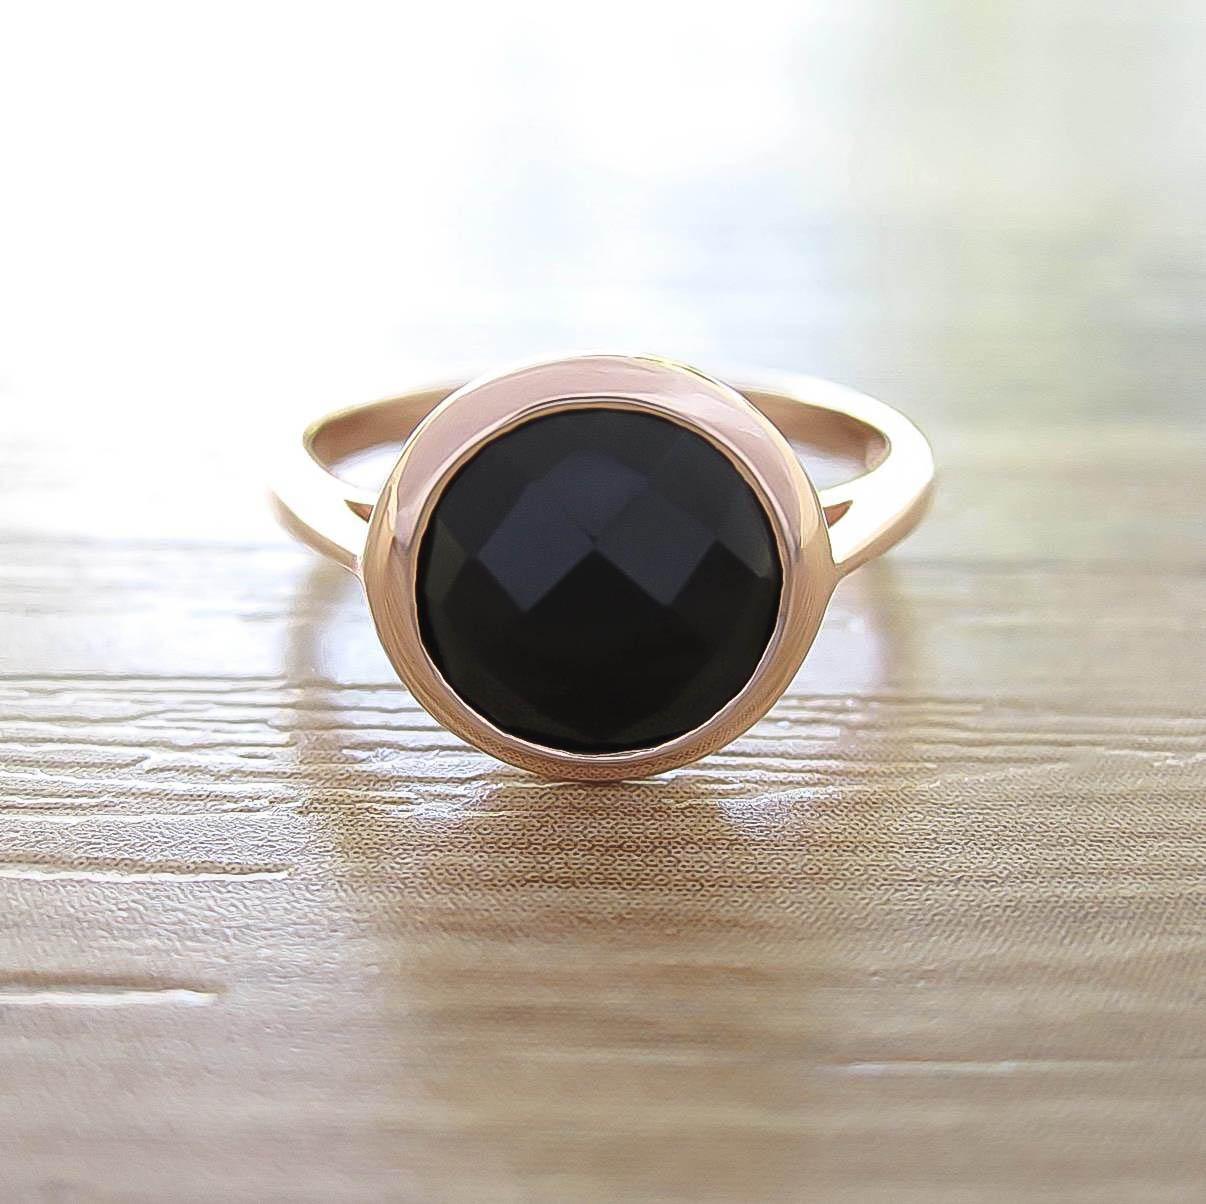 แหวน Black Onyx Sterling Silver สี Rose Gold รุ่น Dashing